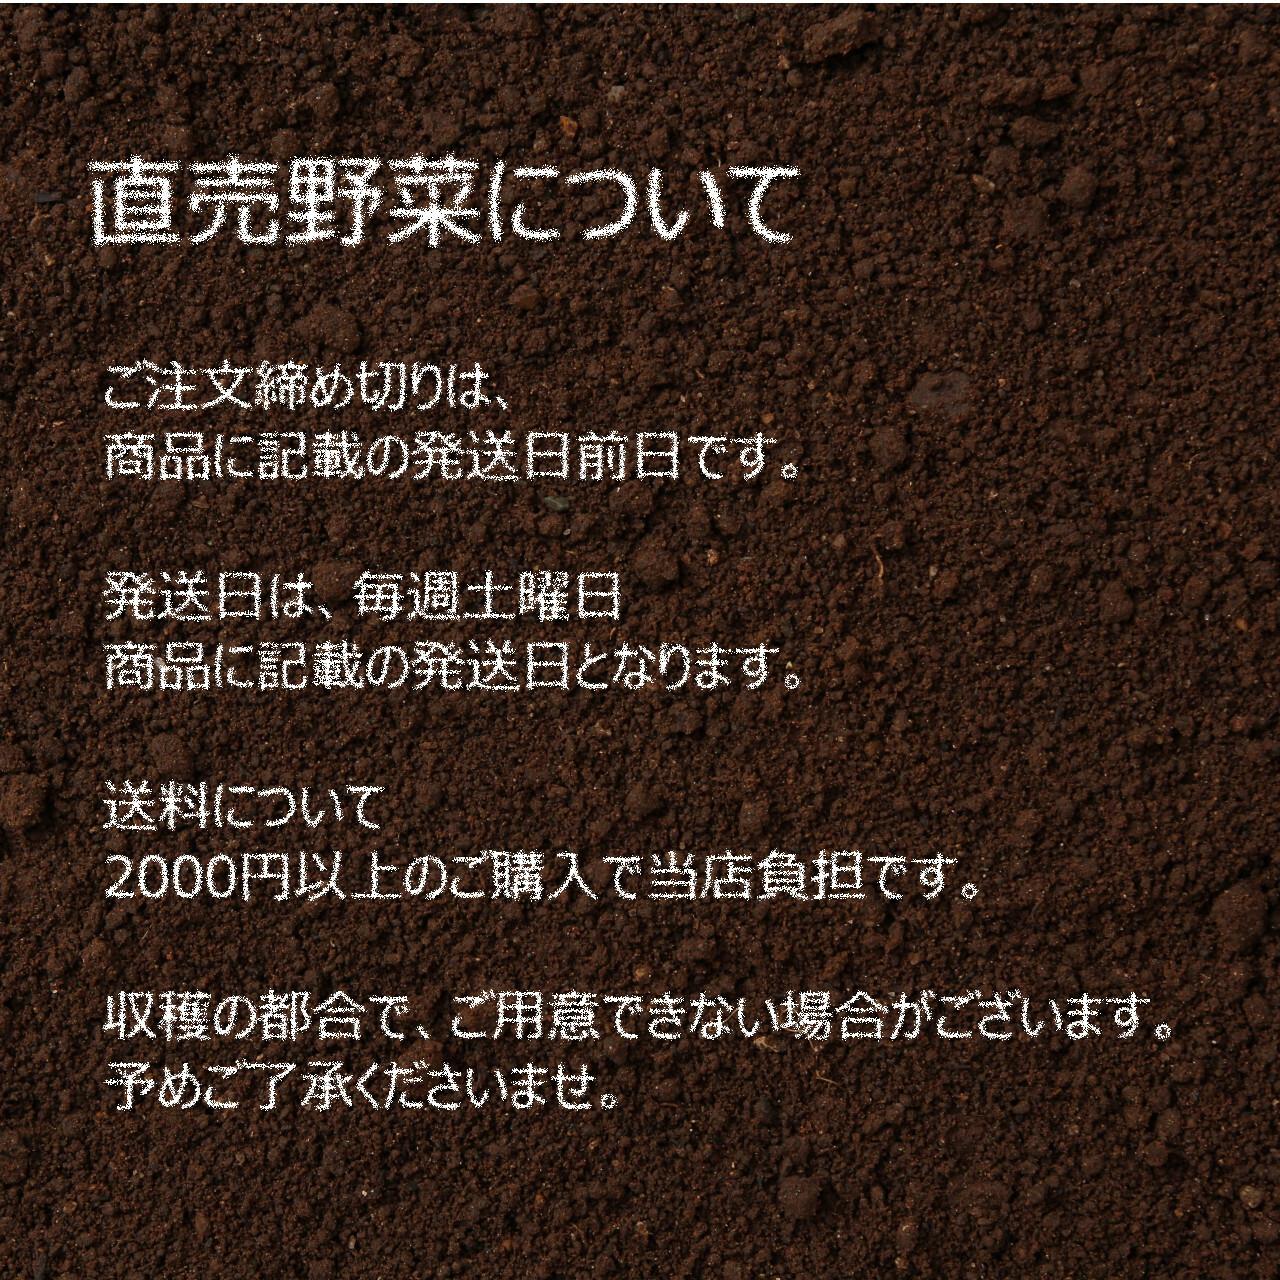 9月の朝採り直売野菜 : ネギ 3~4本 新鮮な秋野菜 9月21日発送予定